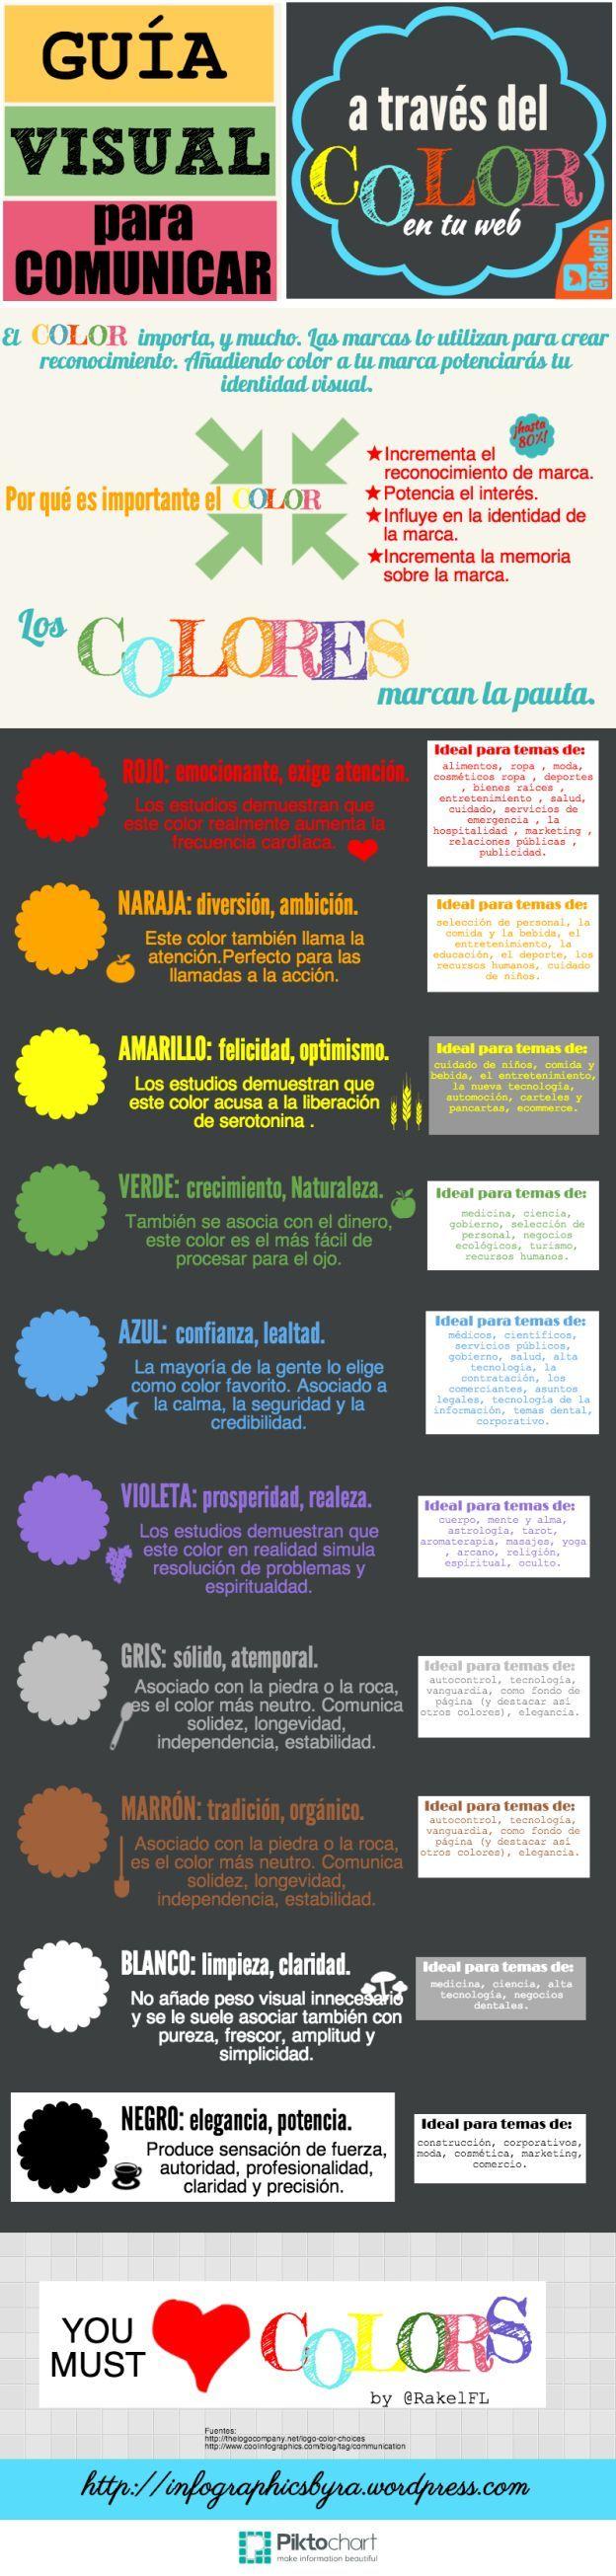 Guía visual para comunicar a través de colores en la web. #infografia #diseñoweb